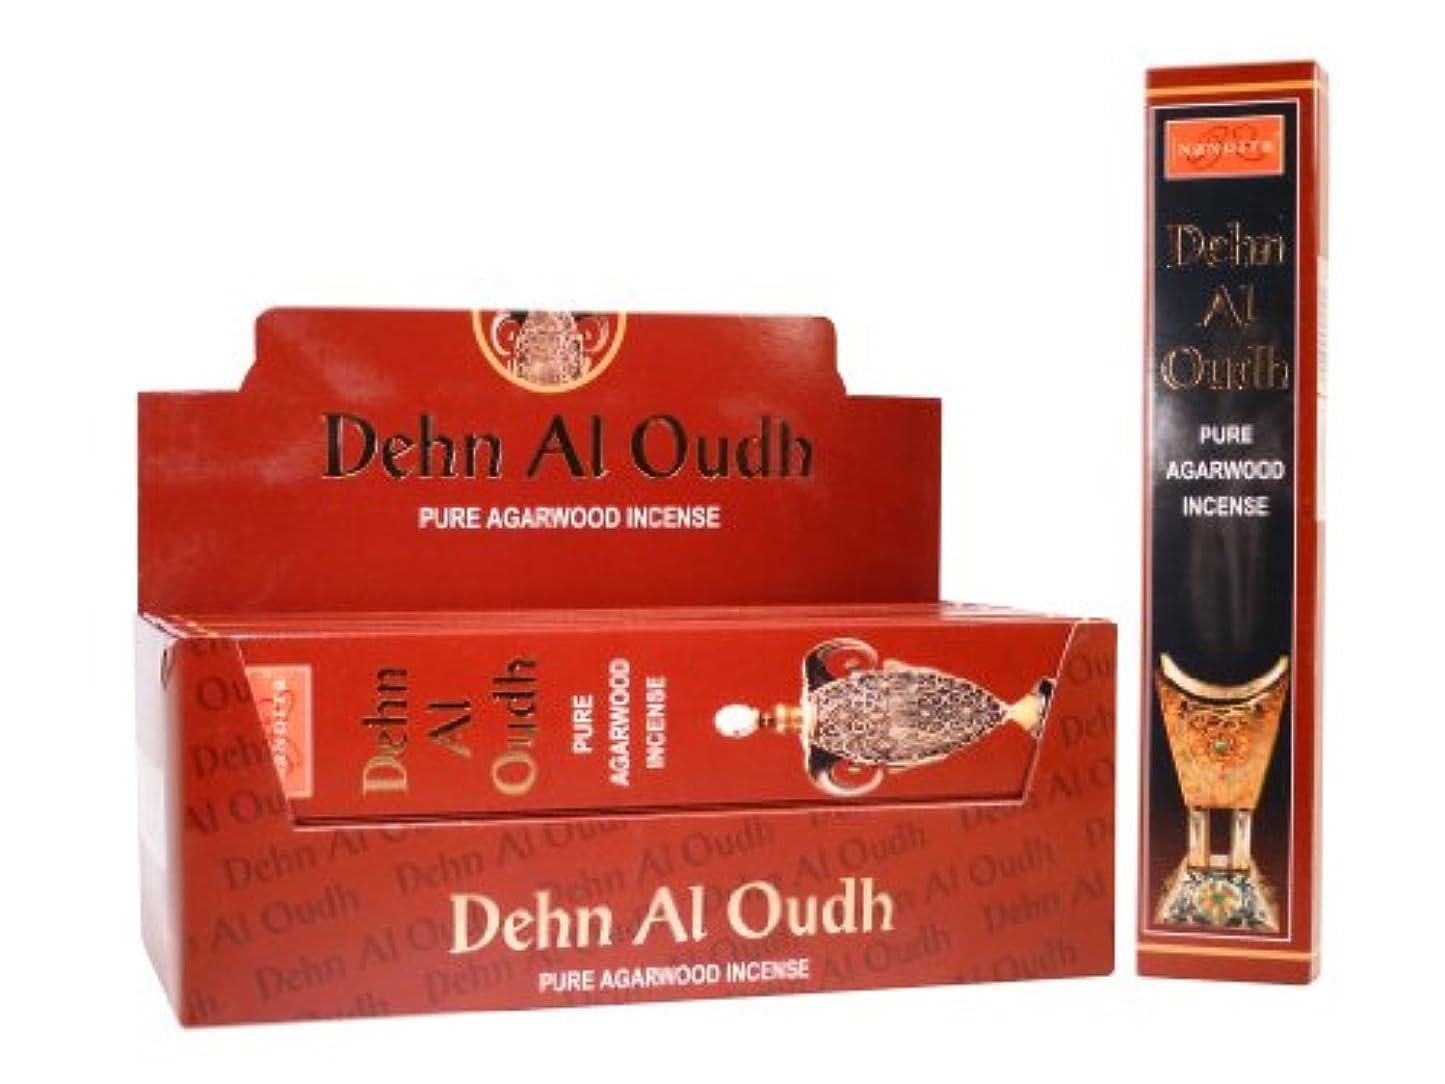 揺れる耐えられる治すNandita Dehn Al Oudh Pure Agarwood Incense Sticks – 15 Gボックス レッド